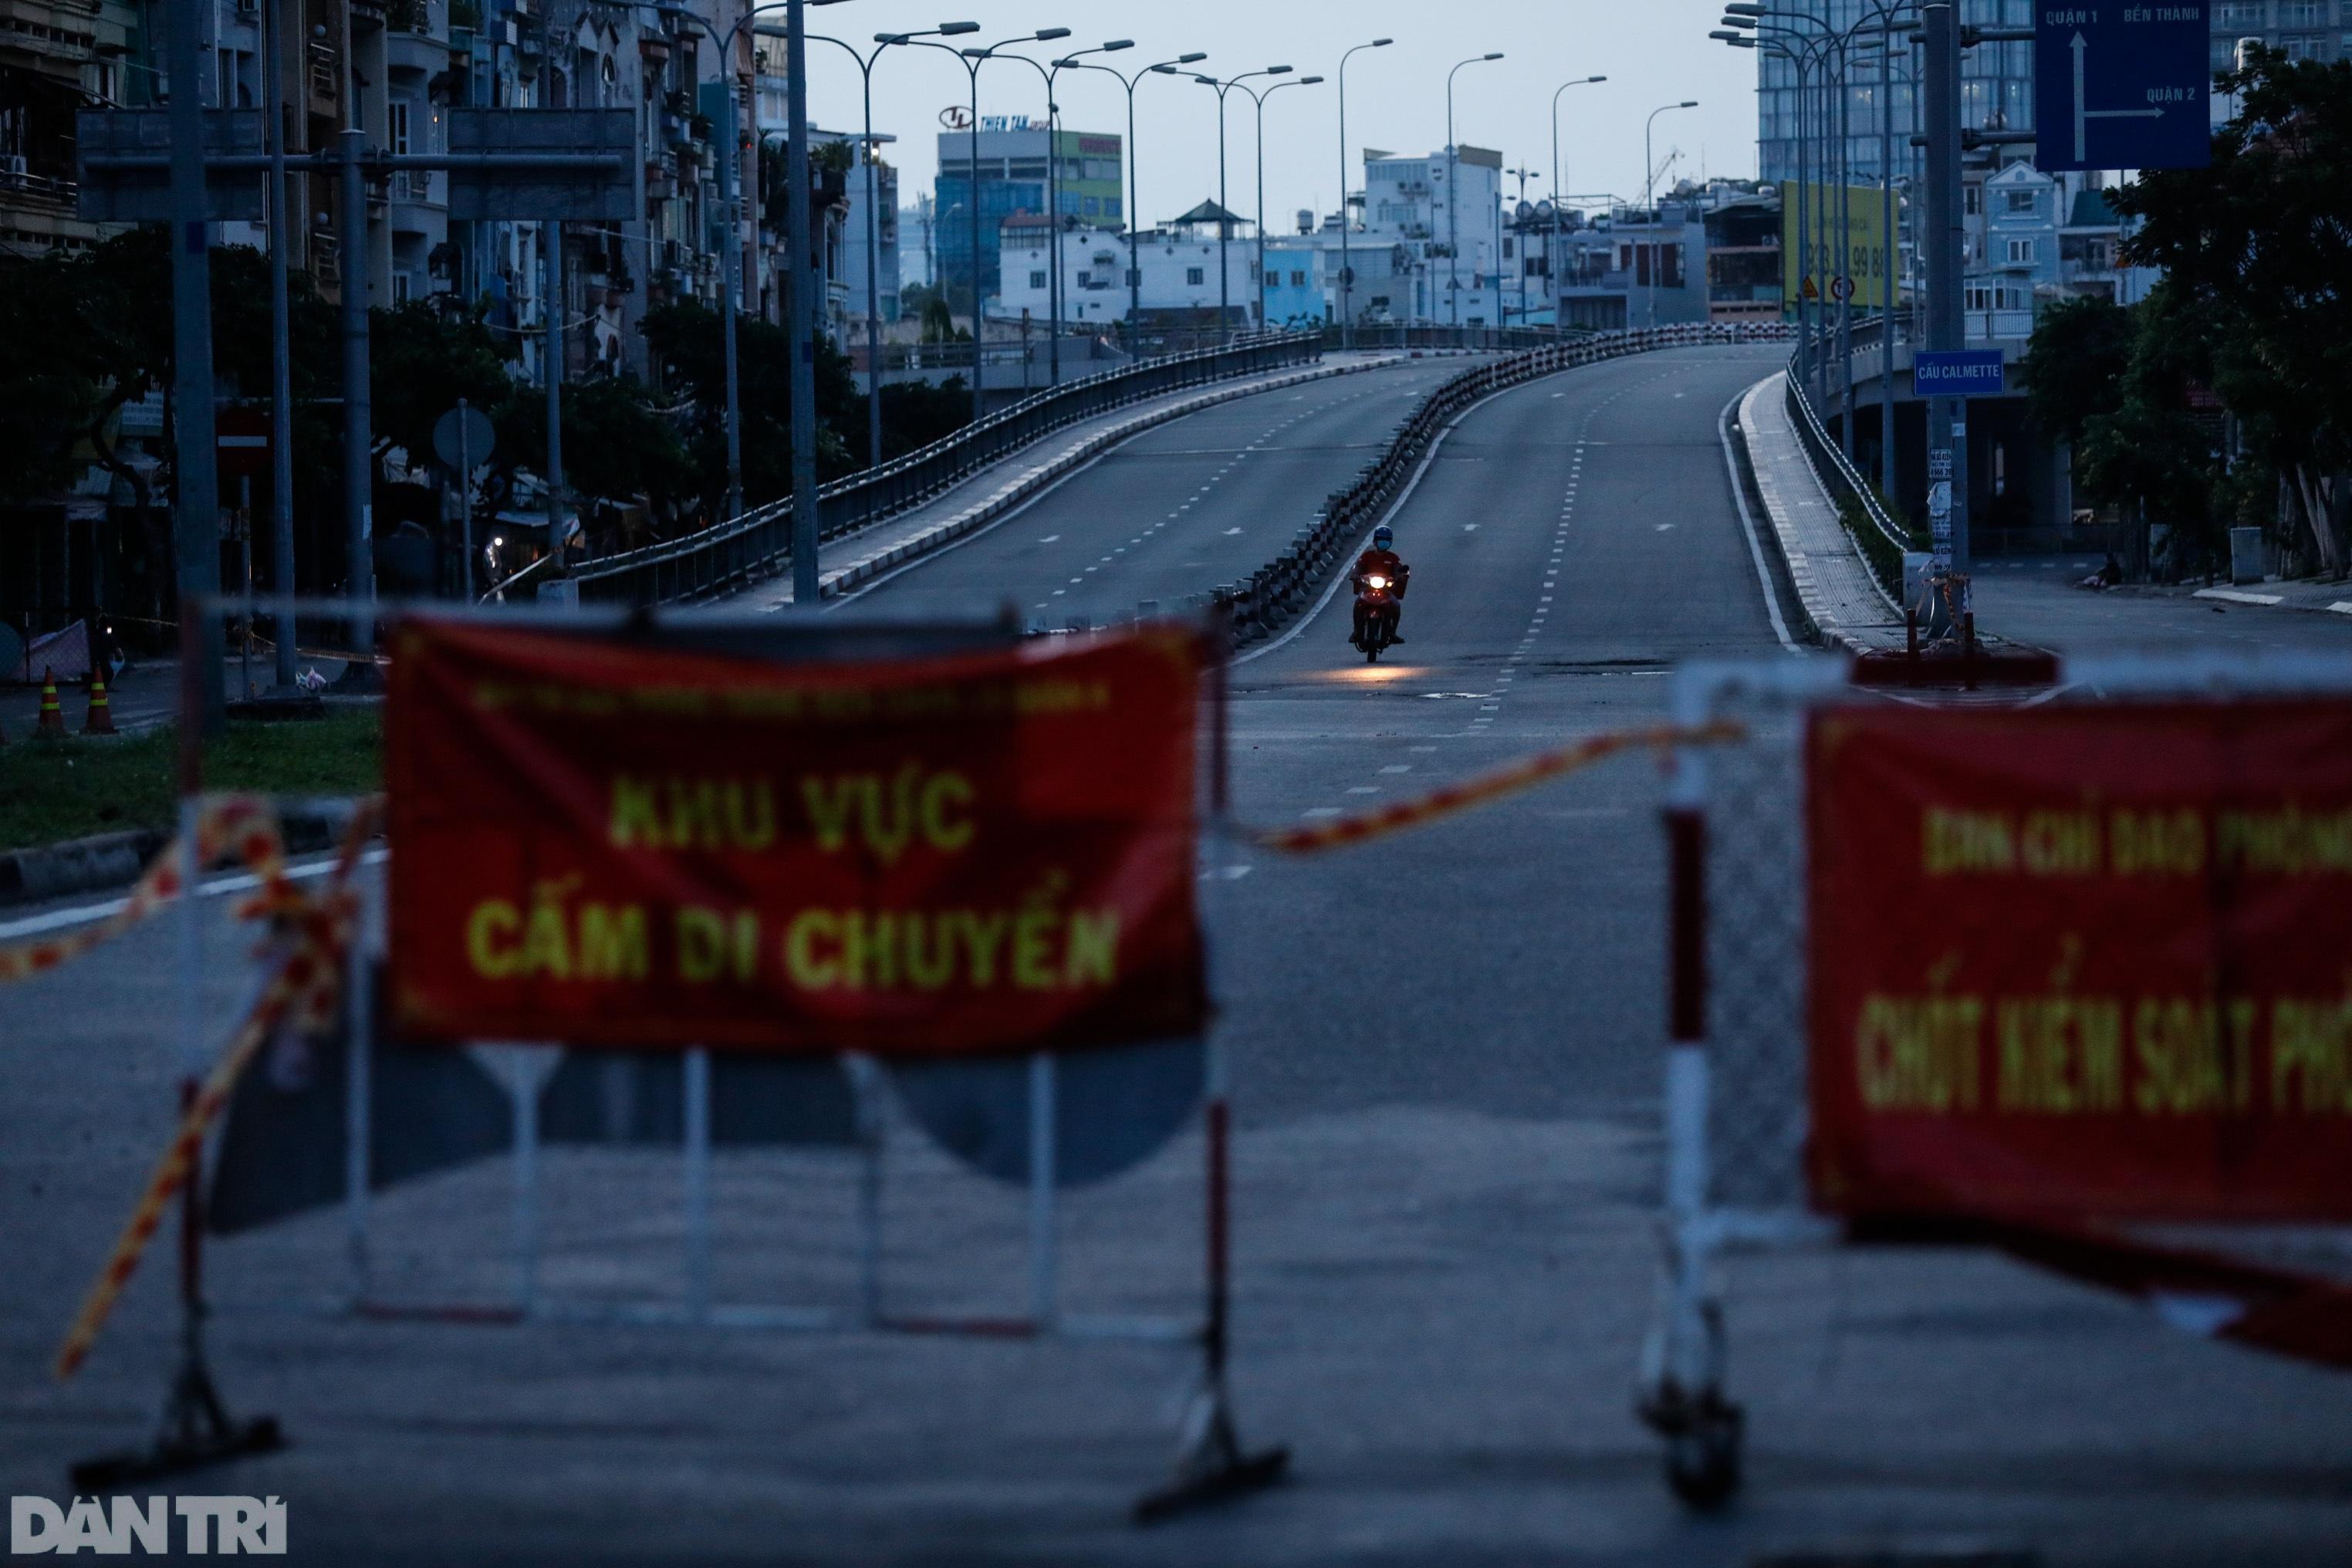 Hẻm nhỏ ở TPHCM dỡ chốt phong tỏa, đường lớn vẫn rào chắn kín mít - 11